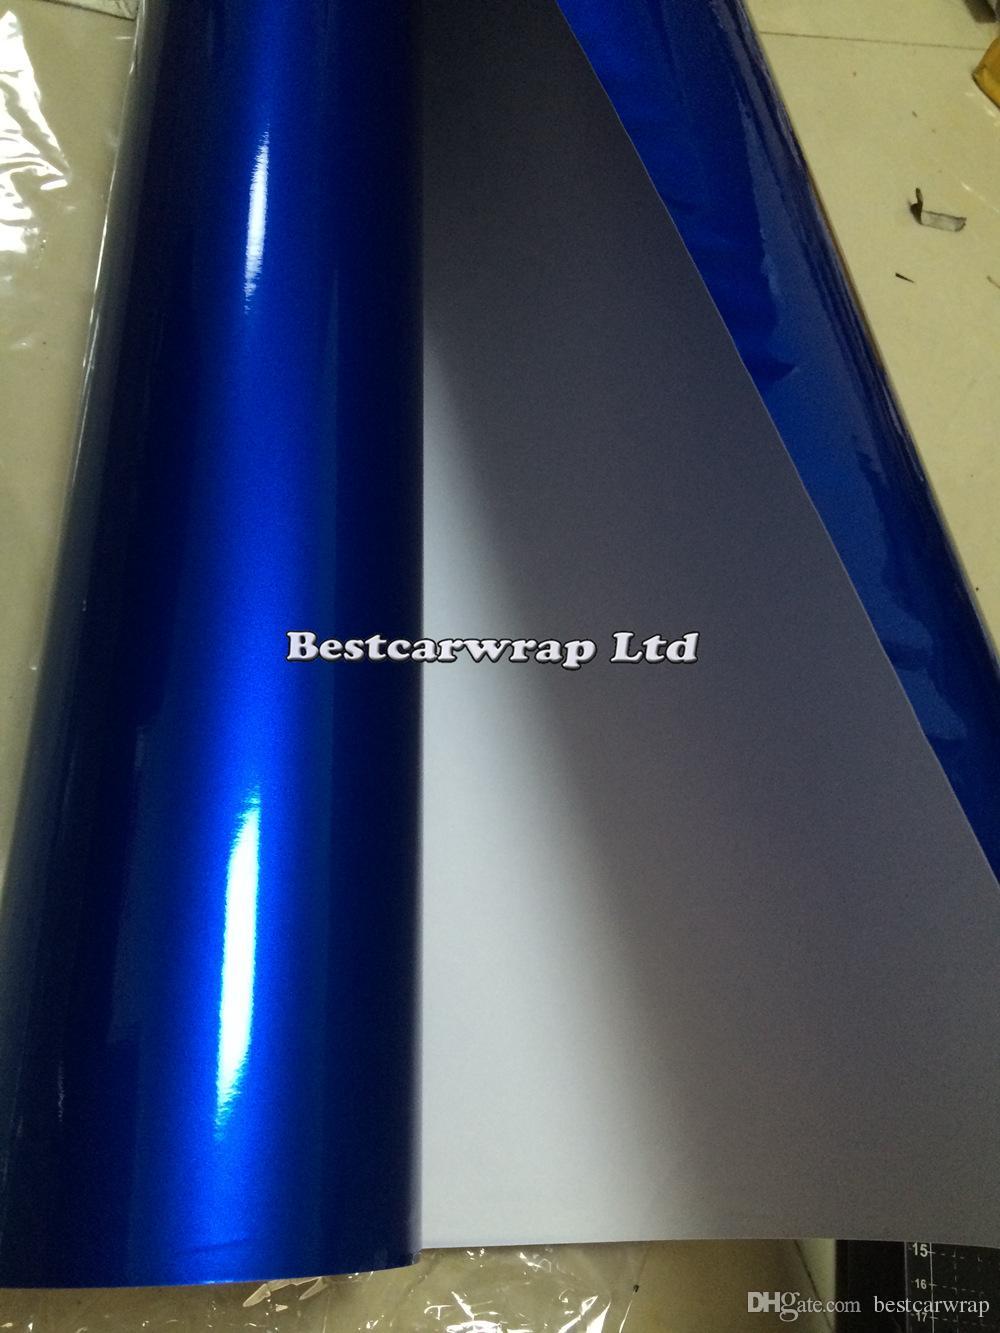 Involucro in vinile blu metallizzato lucido Con avvolgimento in auto con bolla d'aria Senza lucentezza metallizzata Blu scuro Involucro completo del veicolo Formato: 1.52 * 20M / rotolo